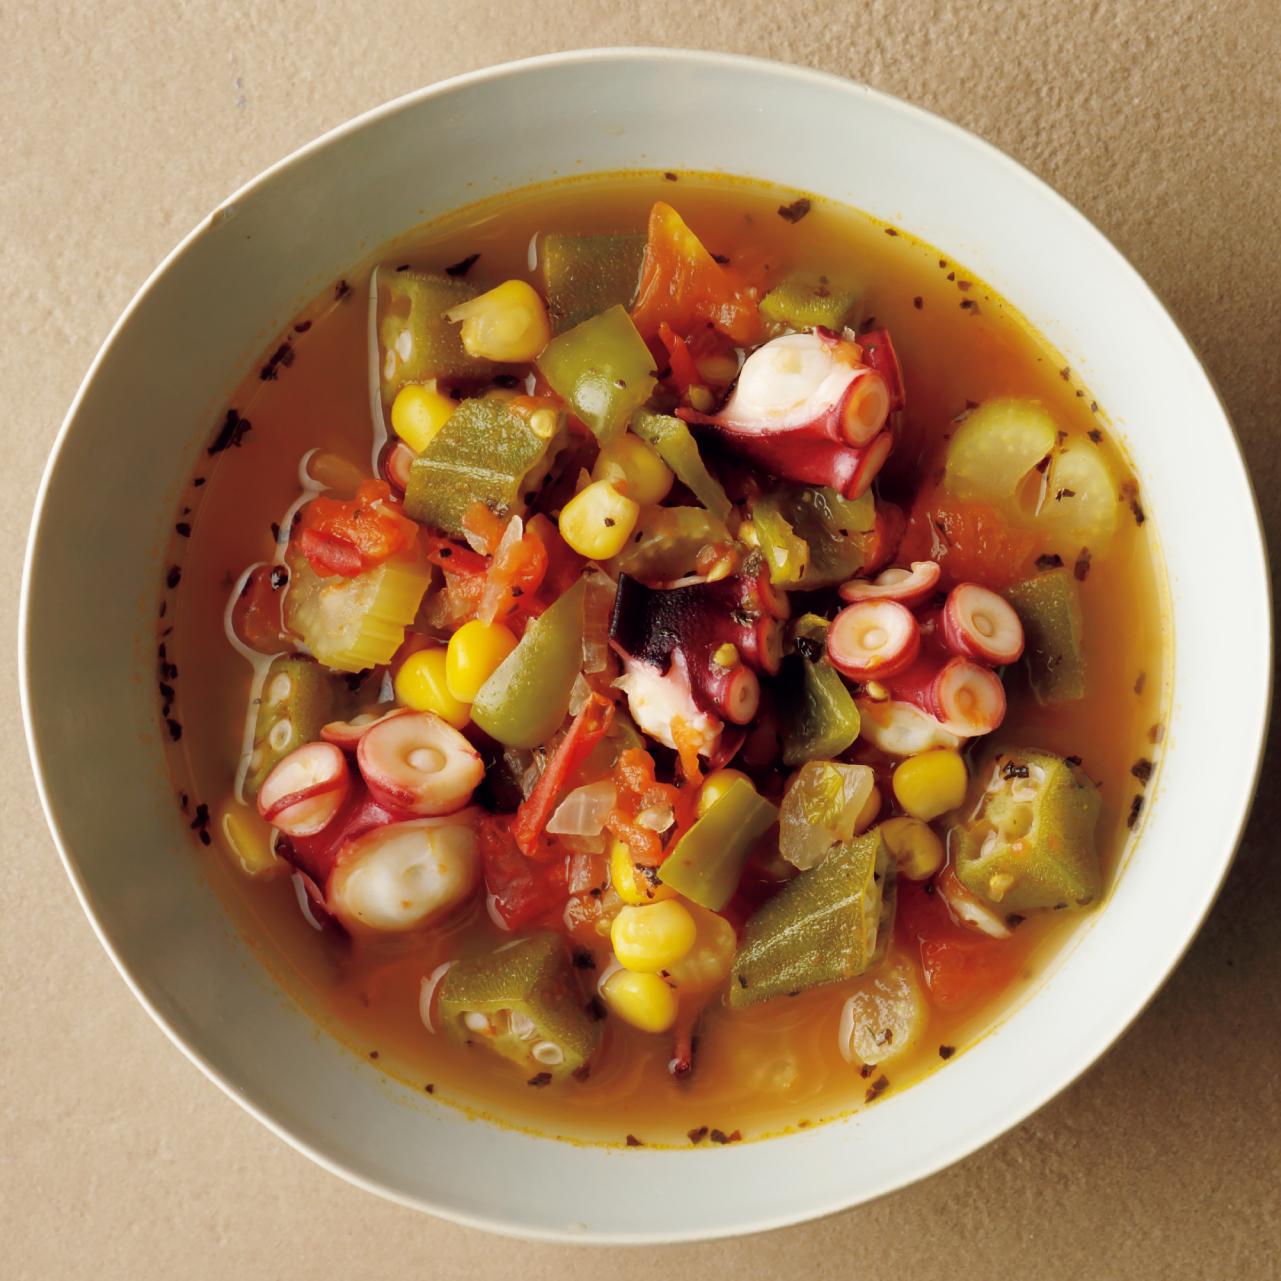 タコと野菜のスープ